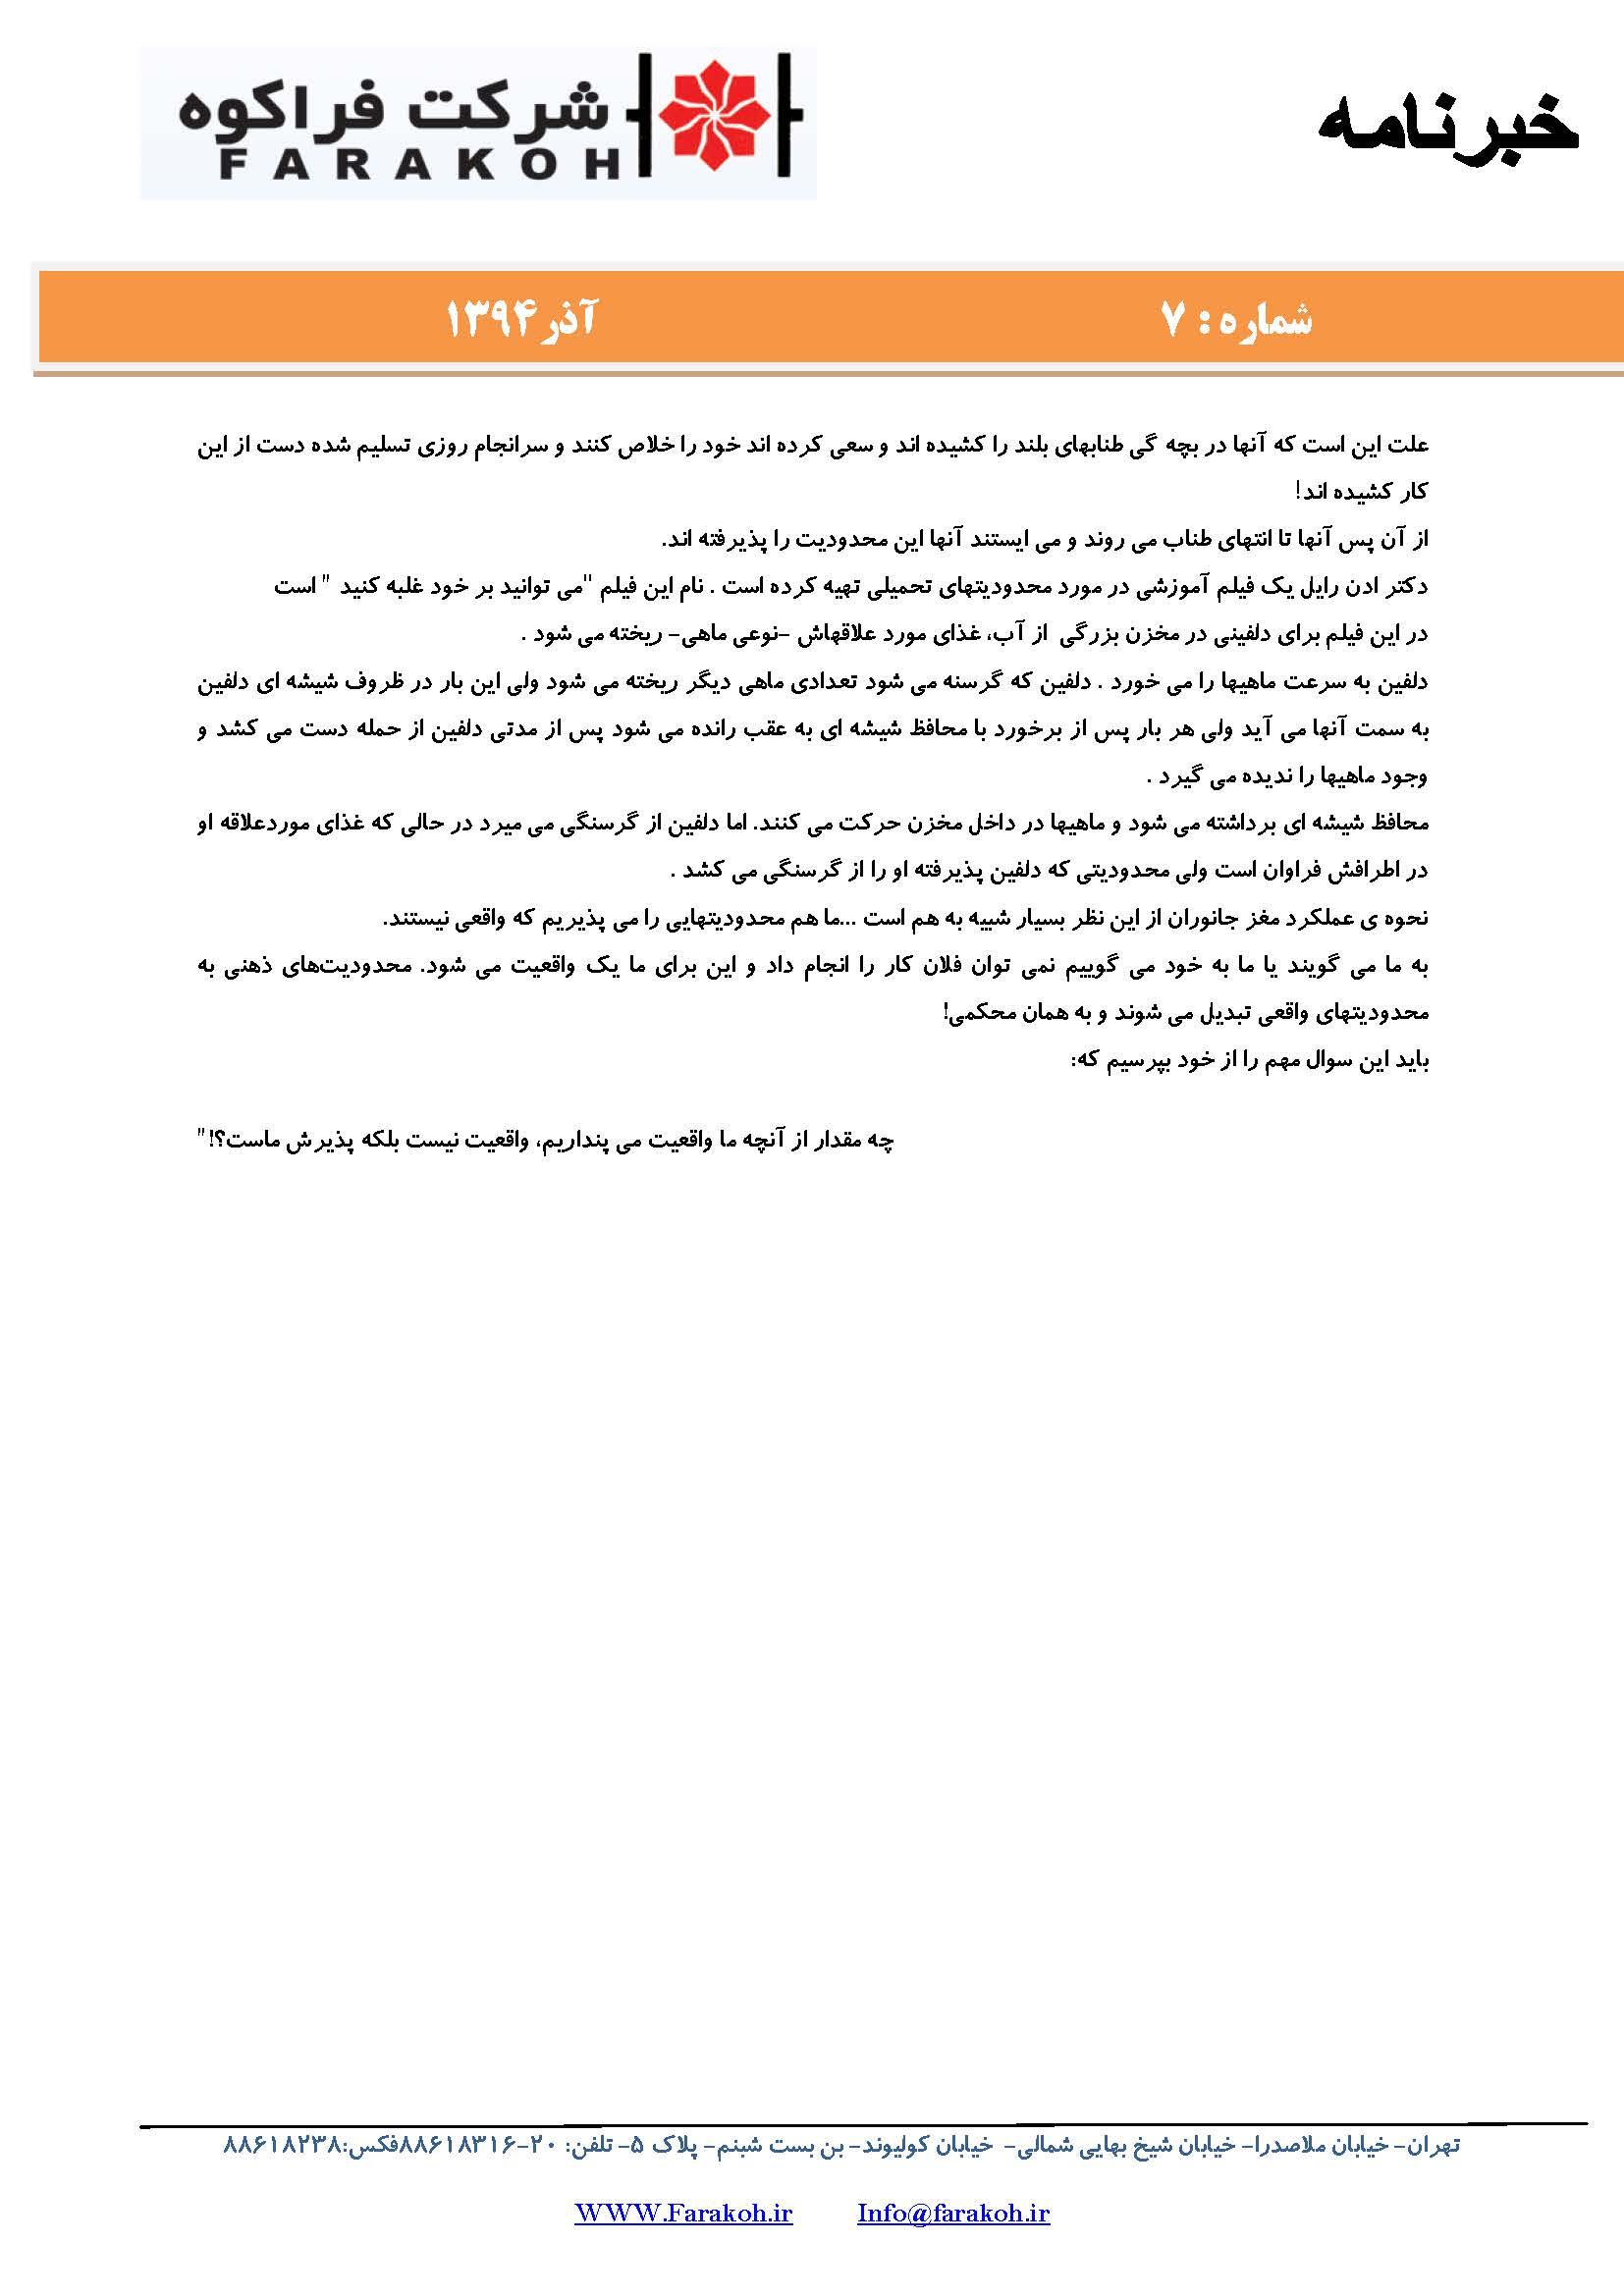 خبرنامه-شماره-۷_Page_4